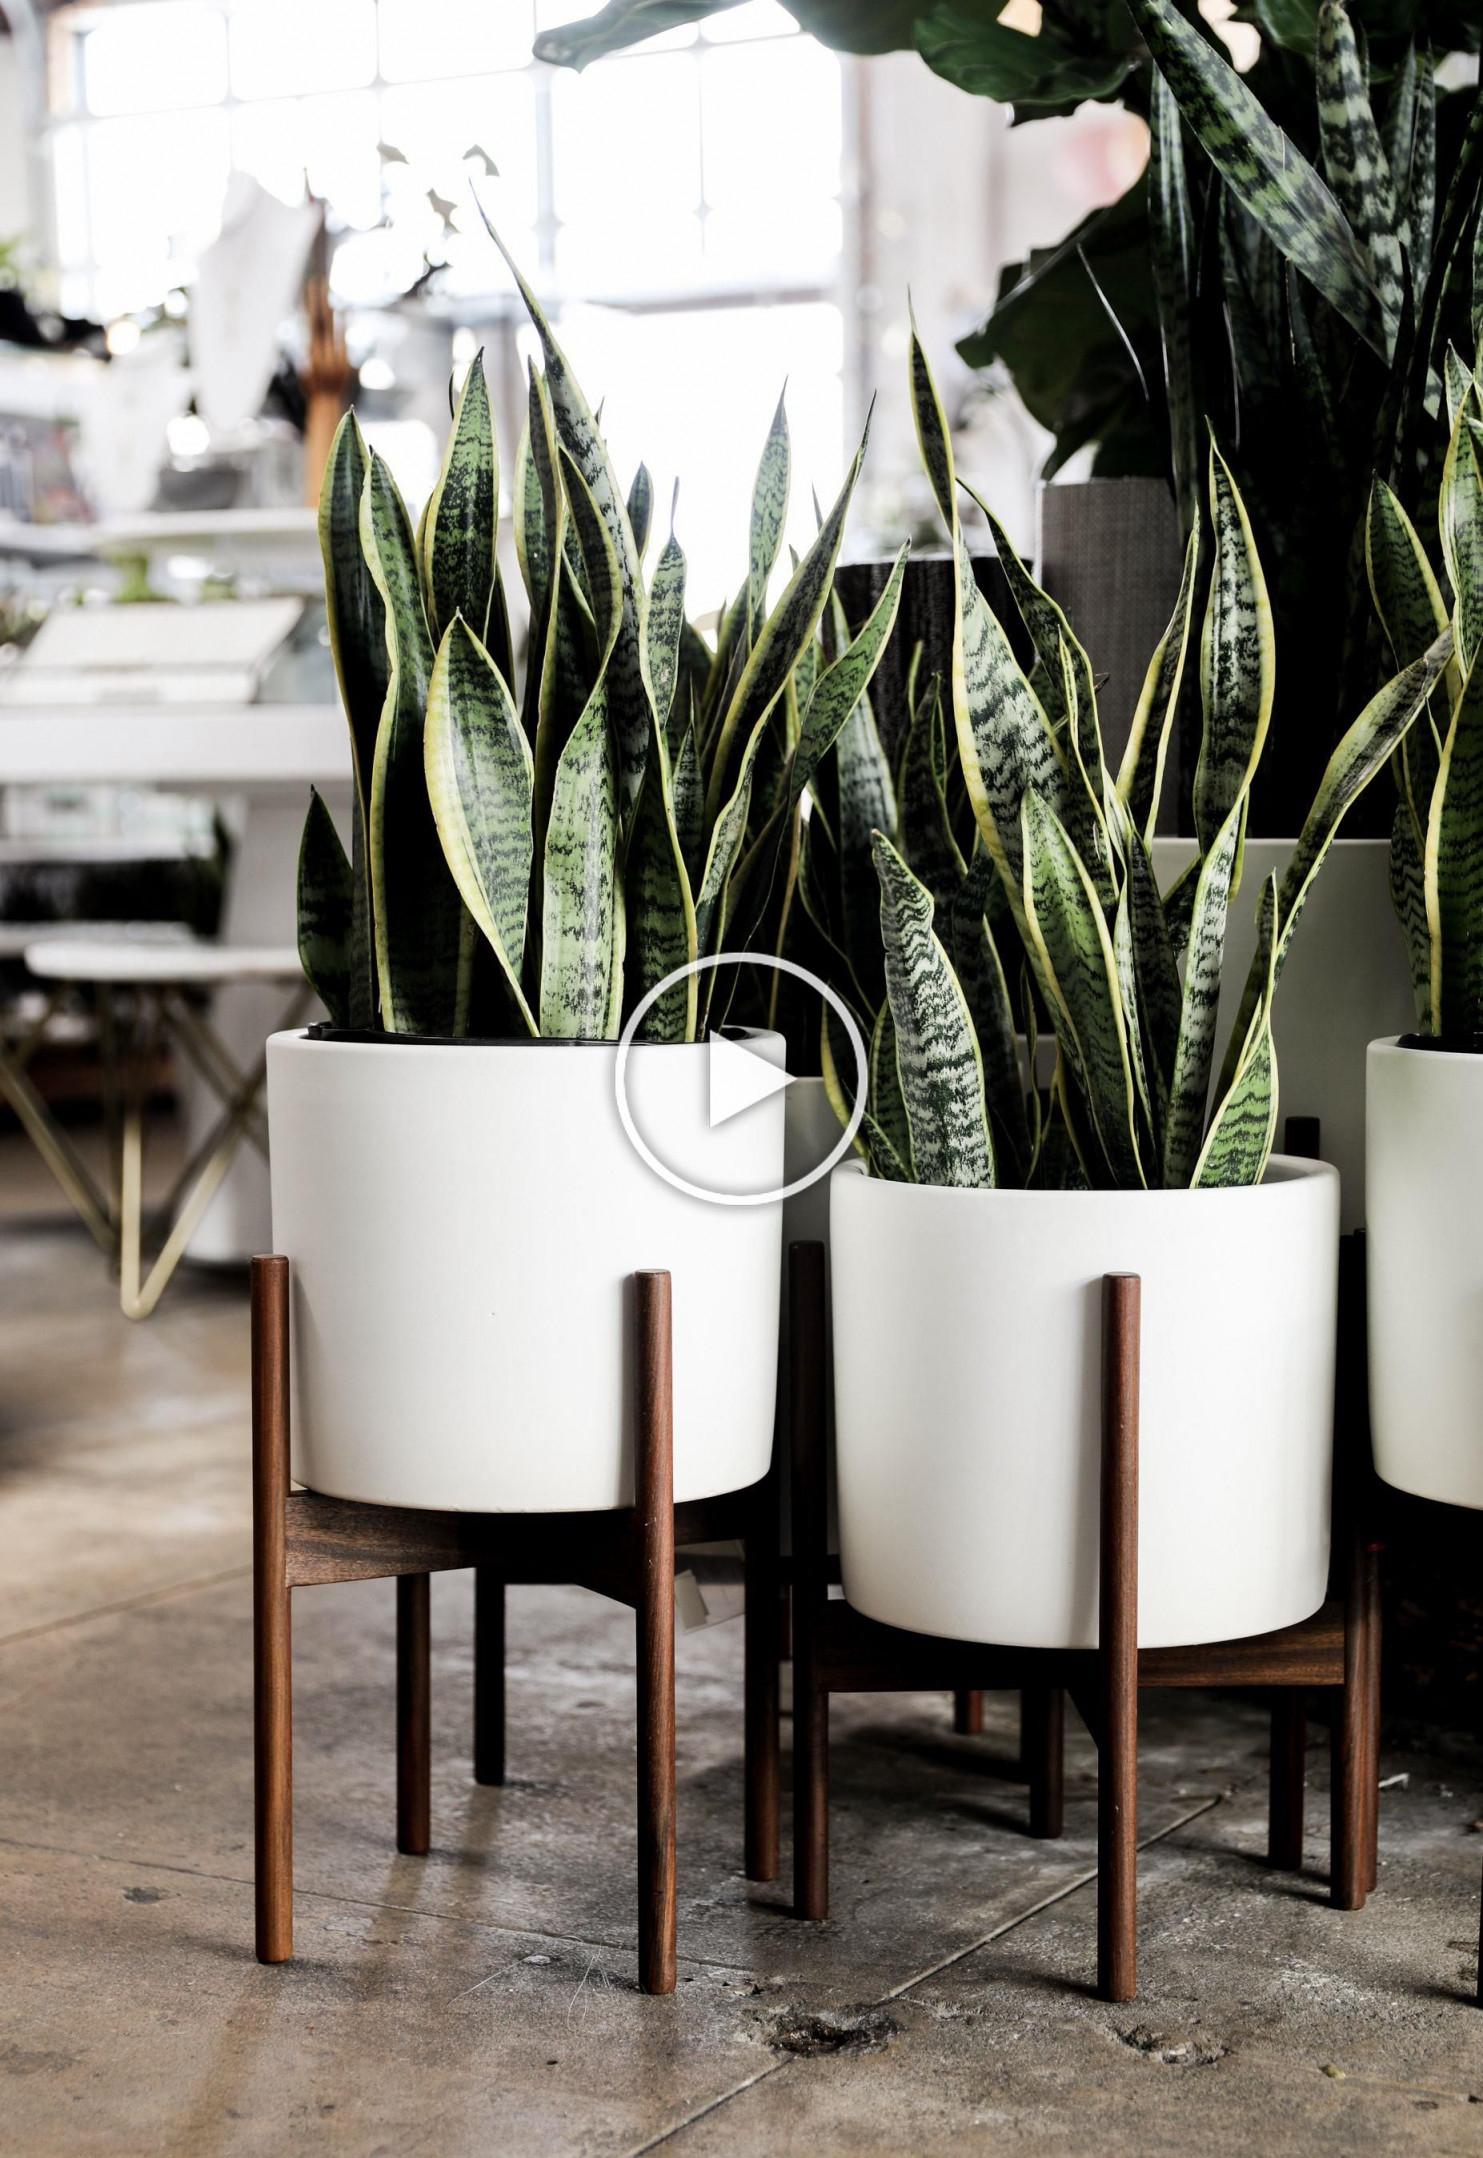 Pin Von Nana Auf Meu Cantinho In 2020  Wohnzimmer Pflanzen von Moderne Pflanzen Wohnzimmer Bild